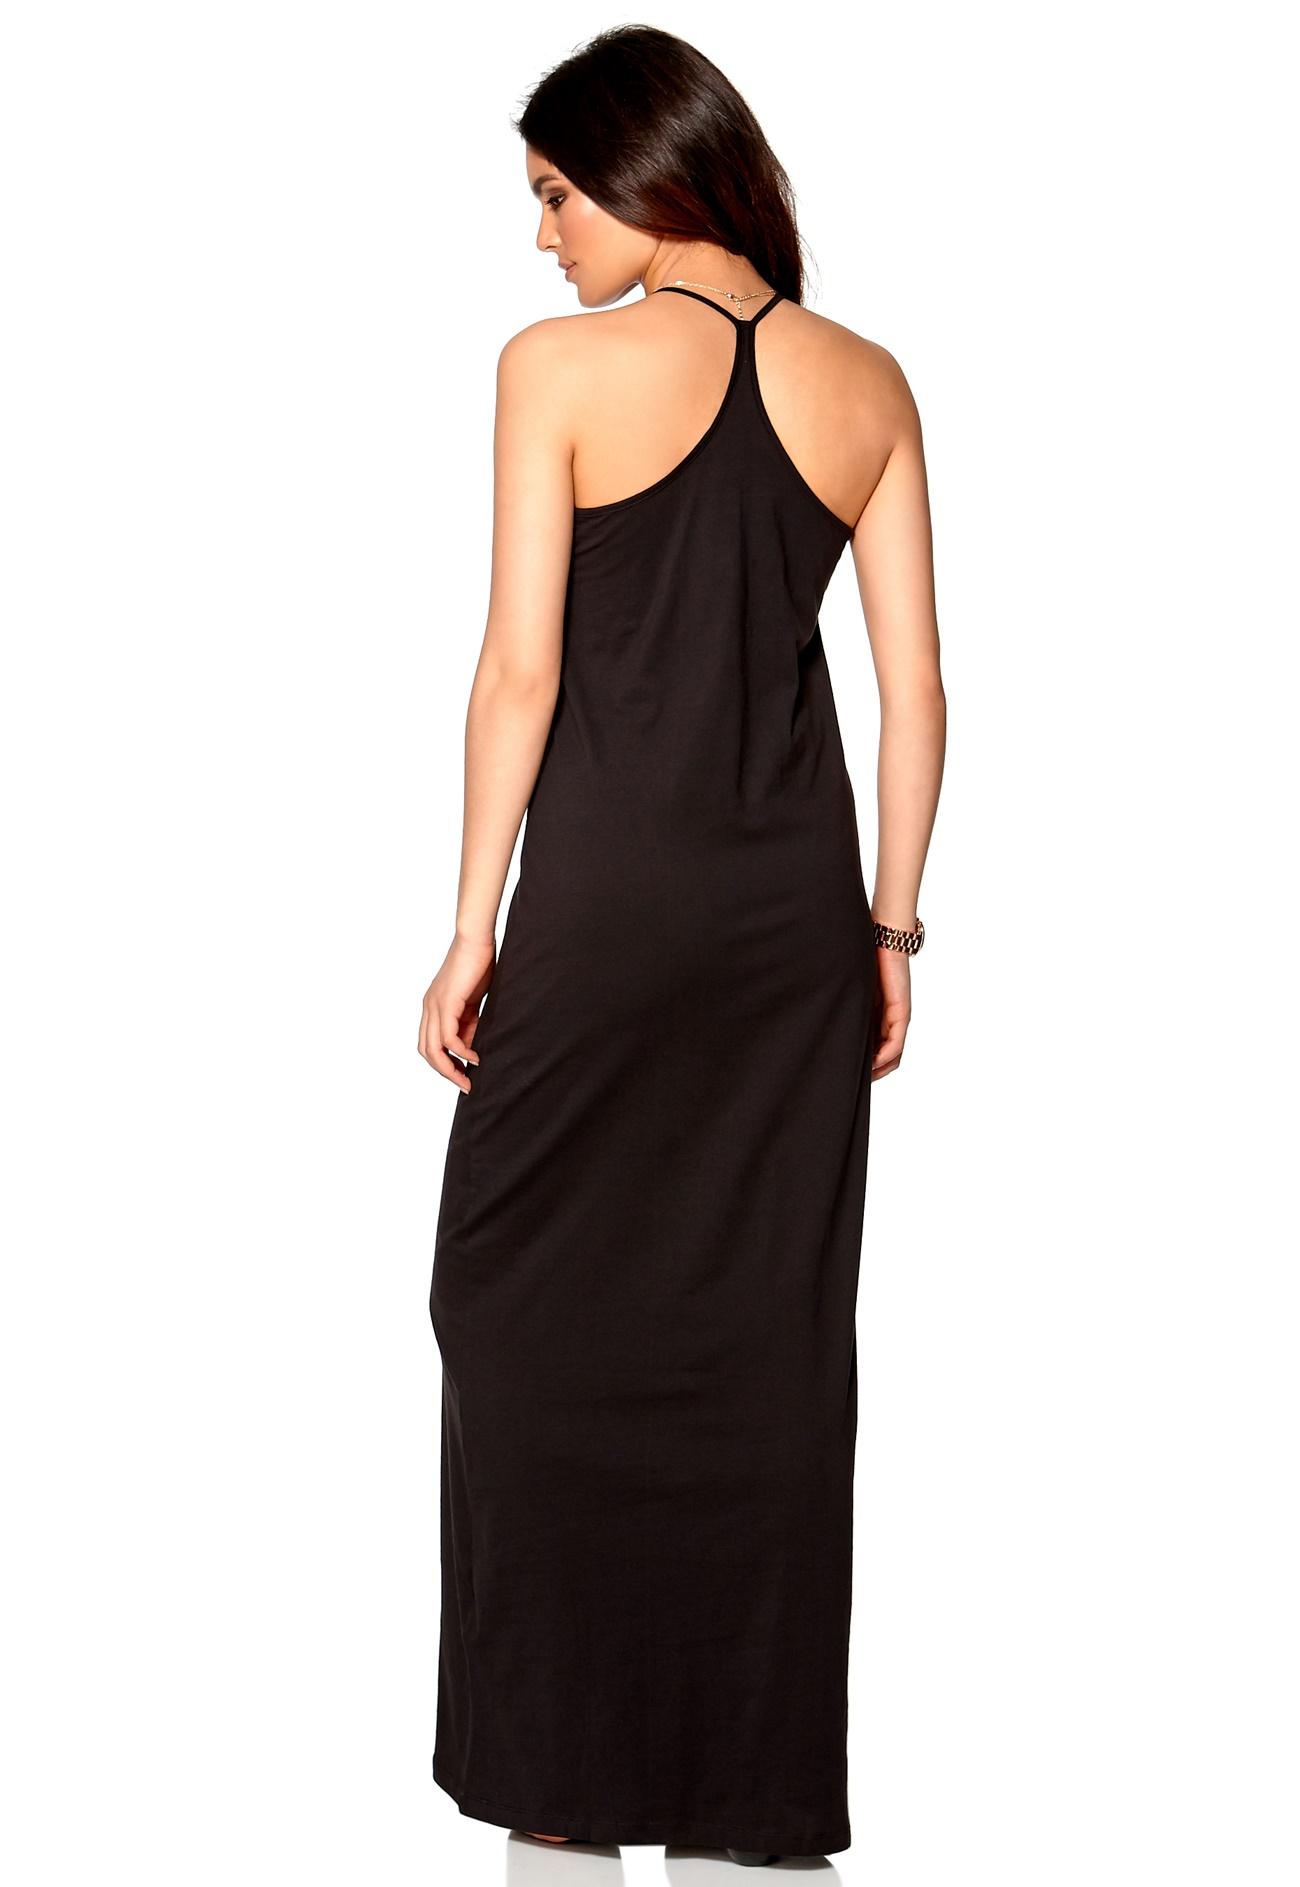 ONLY Beauty Dress Black